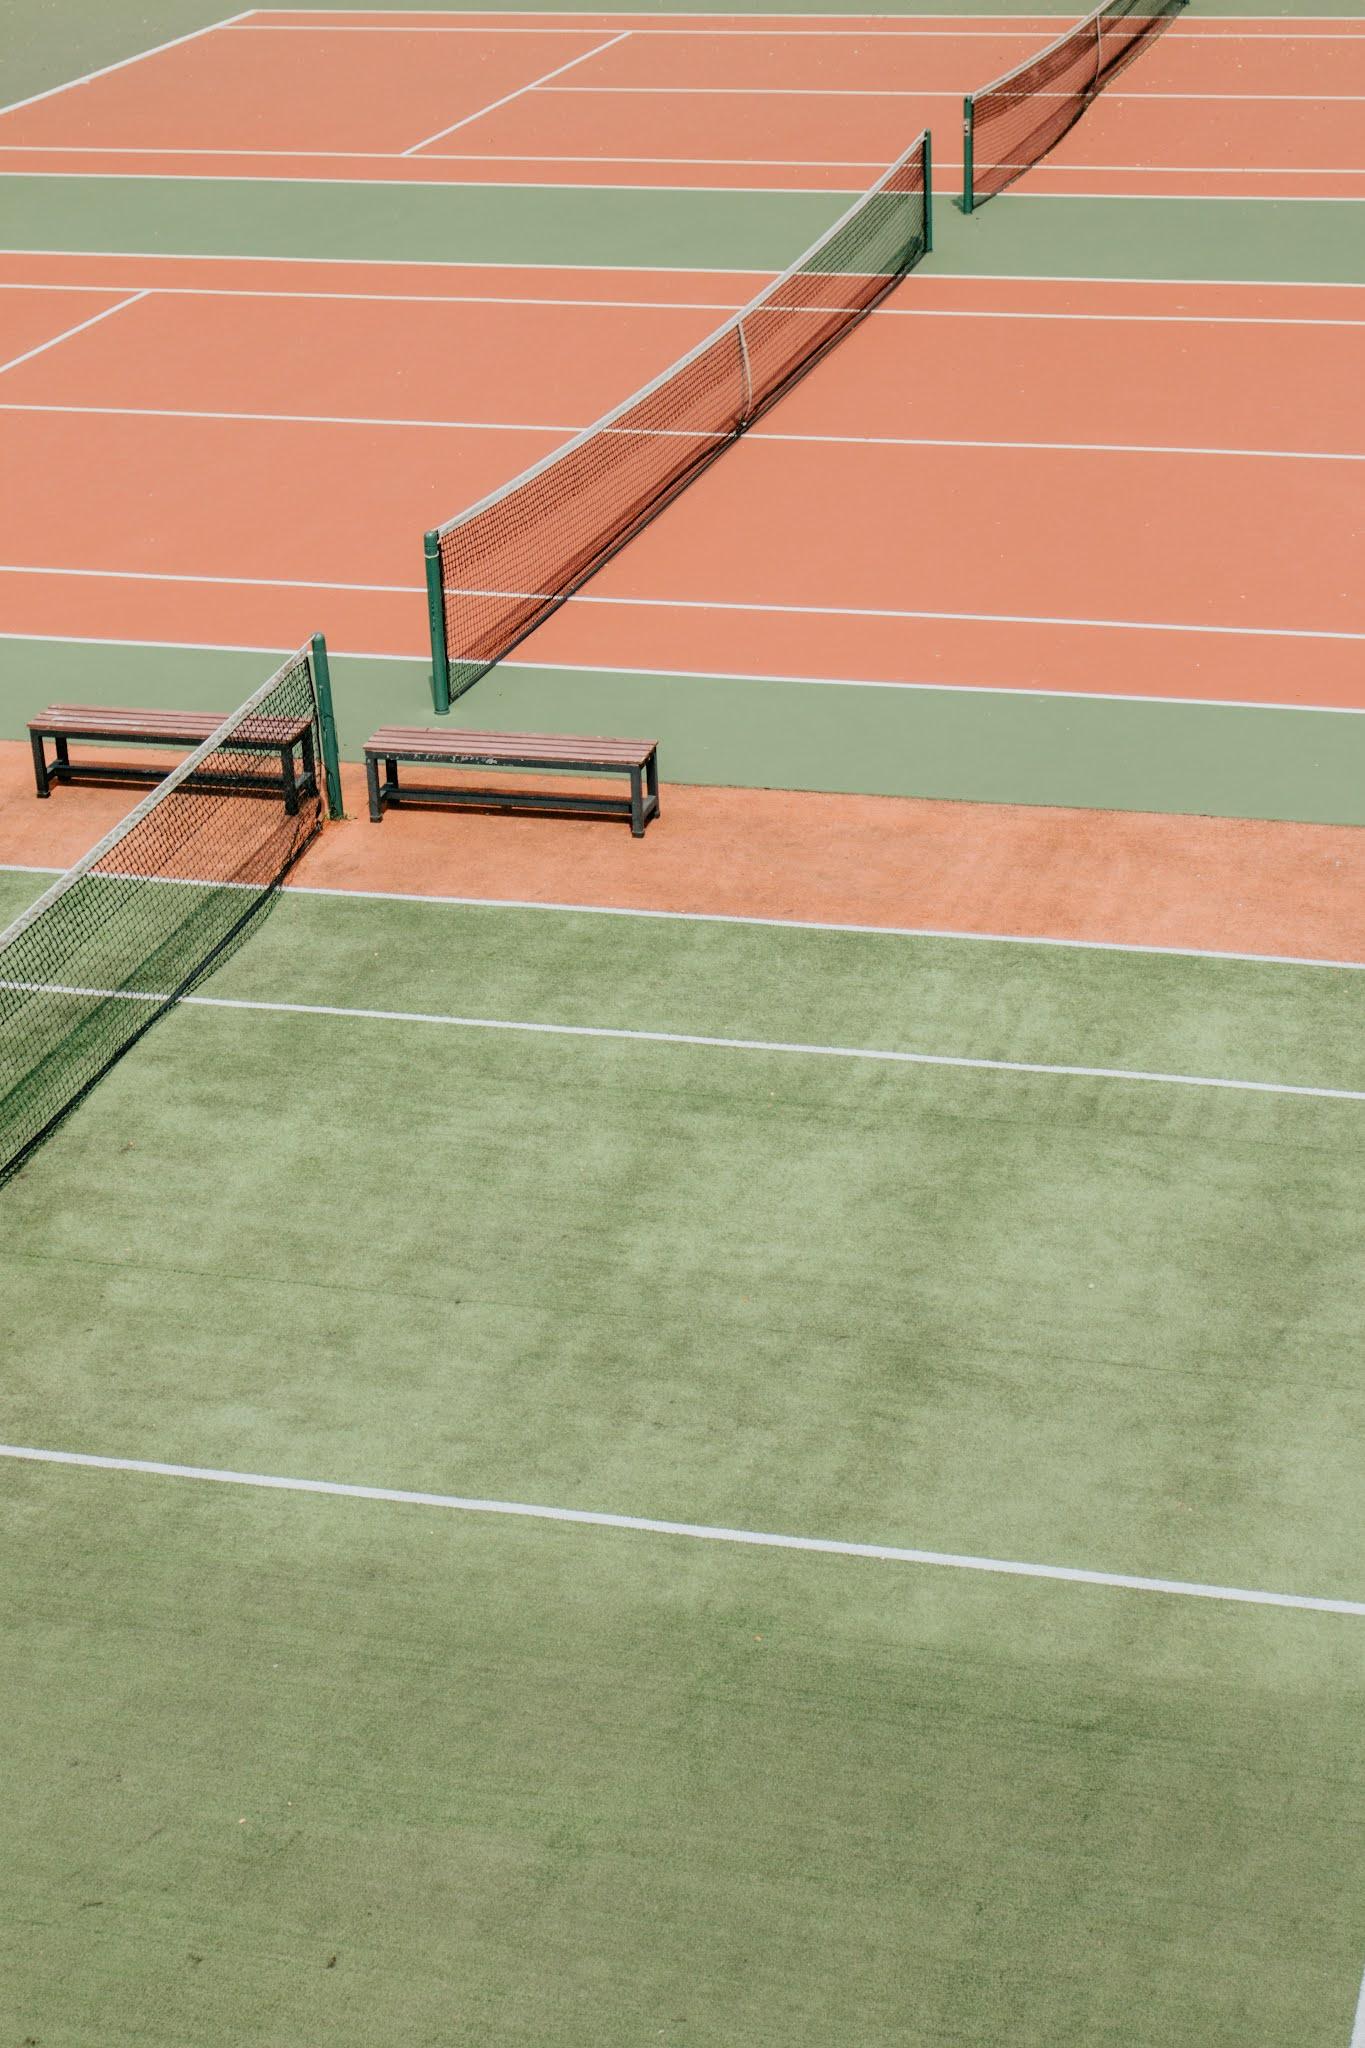 Tennis court lawn